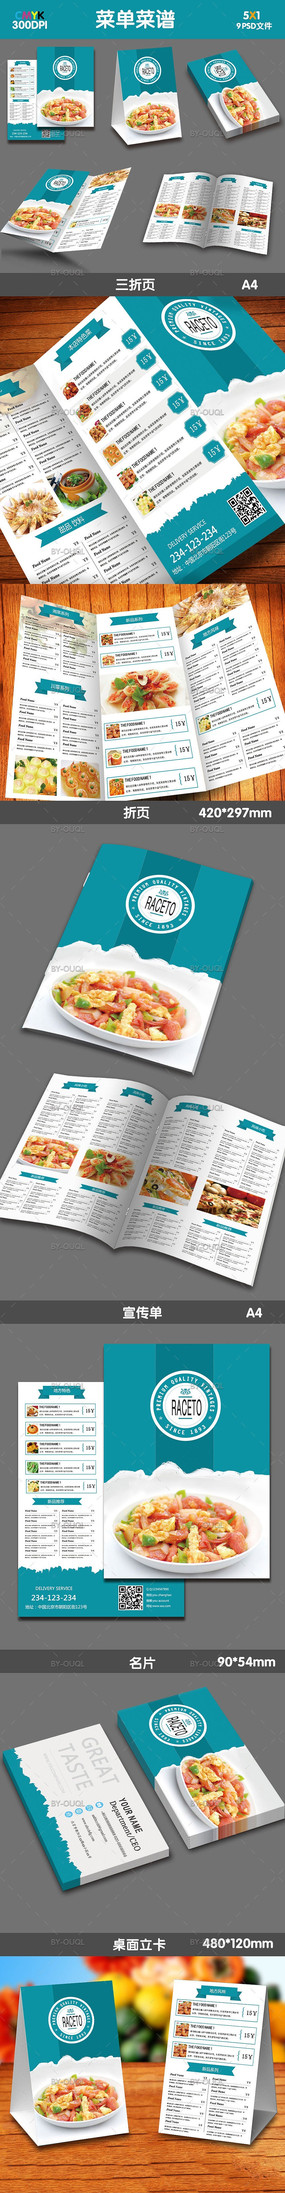 高档简约菜谱菜单宣传单设计